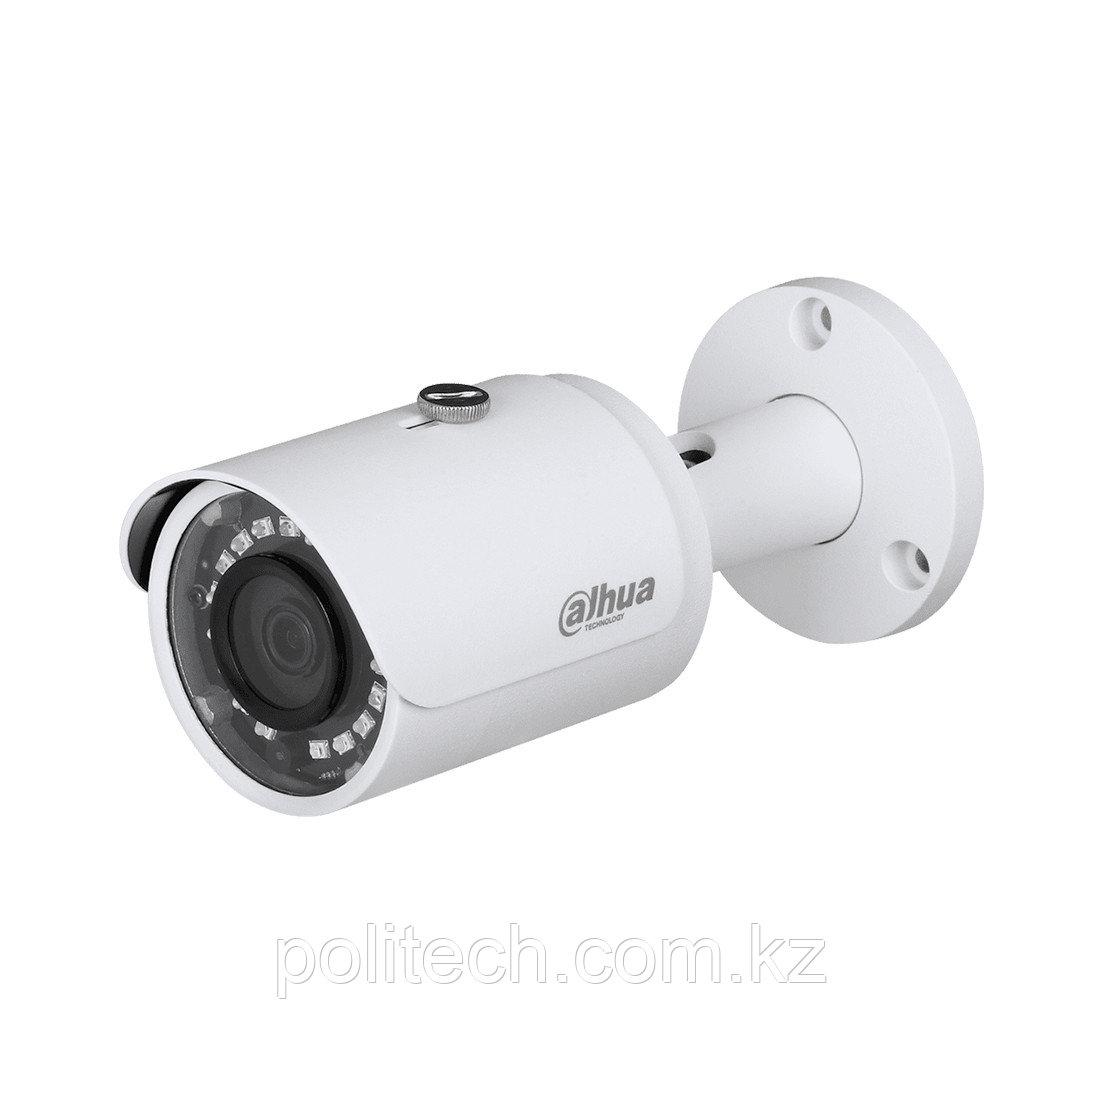 Цилиндрическая видеокамера Dahua DH-IPC-HFW1230SP-0280B